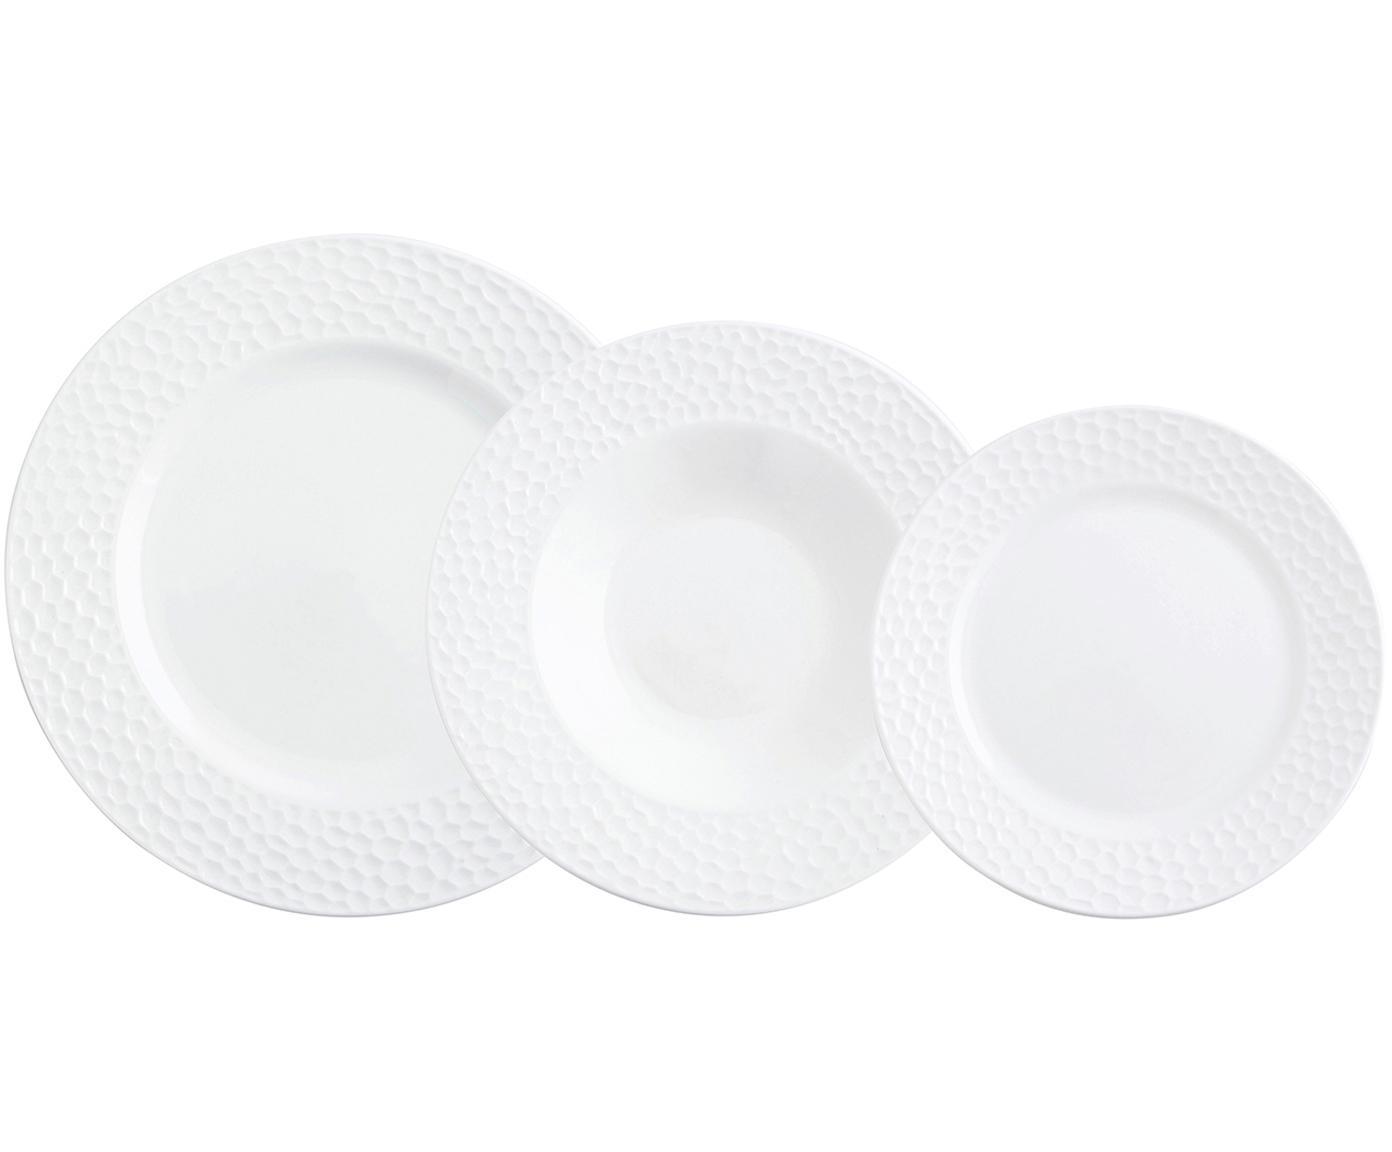 Vajilla de porcelana Relieve, 18pzas., Porcelana, Blanco, Tamaños diferentes